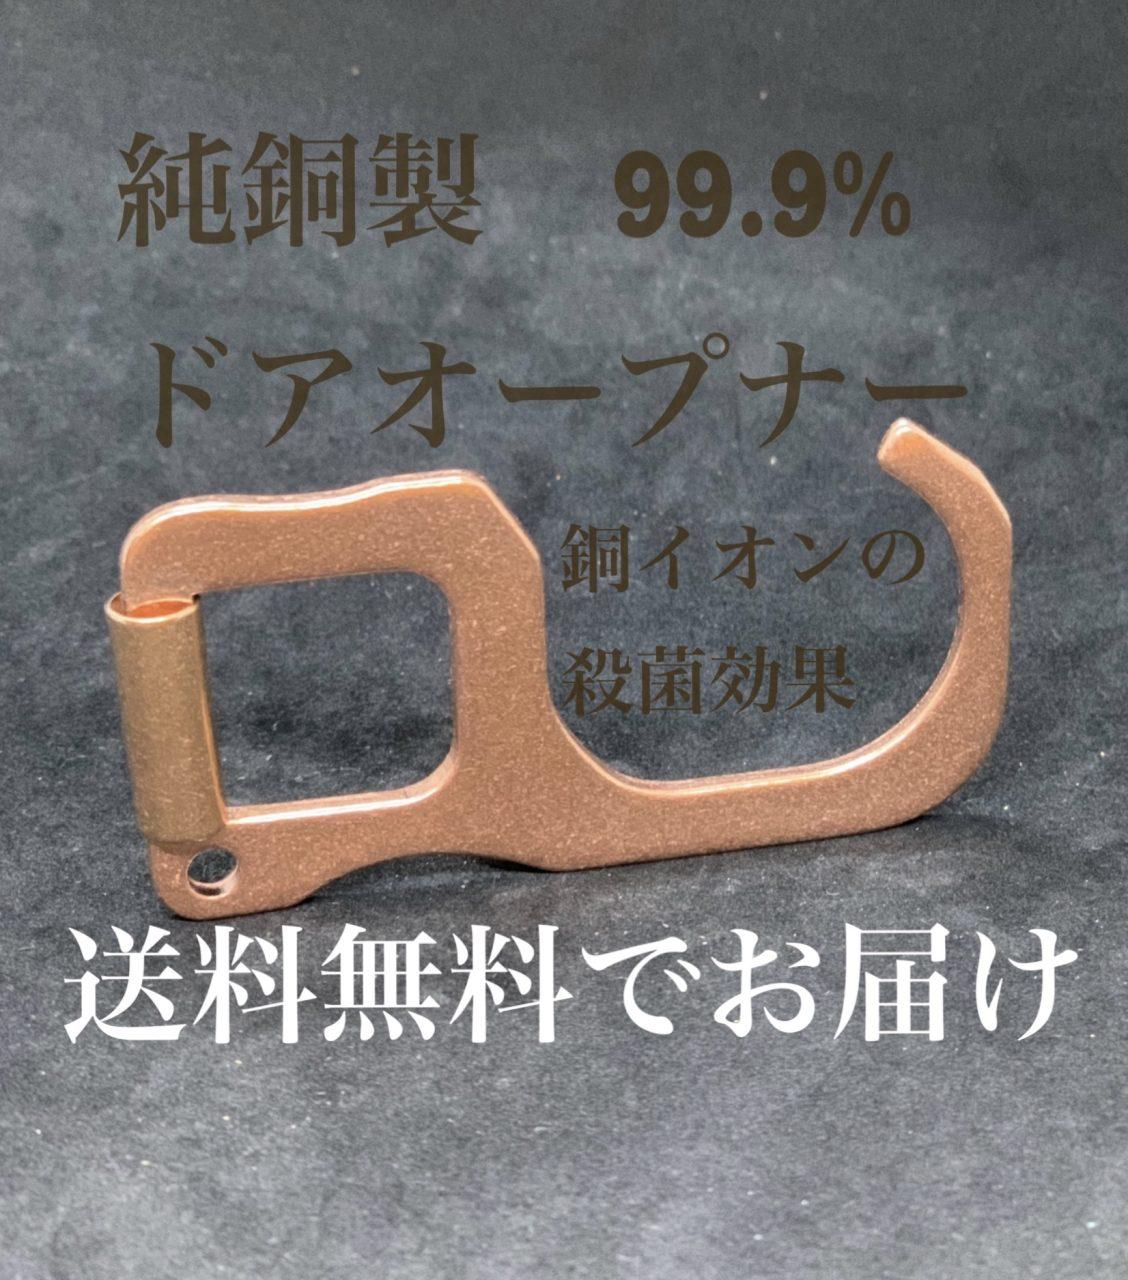 ドアオープナー オープンドアツール オープンドア 非接触 抗菌 銅イオン ウイ ルス対策 無接触 純銅製 銅製 感染防止 エレベーターボタン ドア ATM 日本製 国産